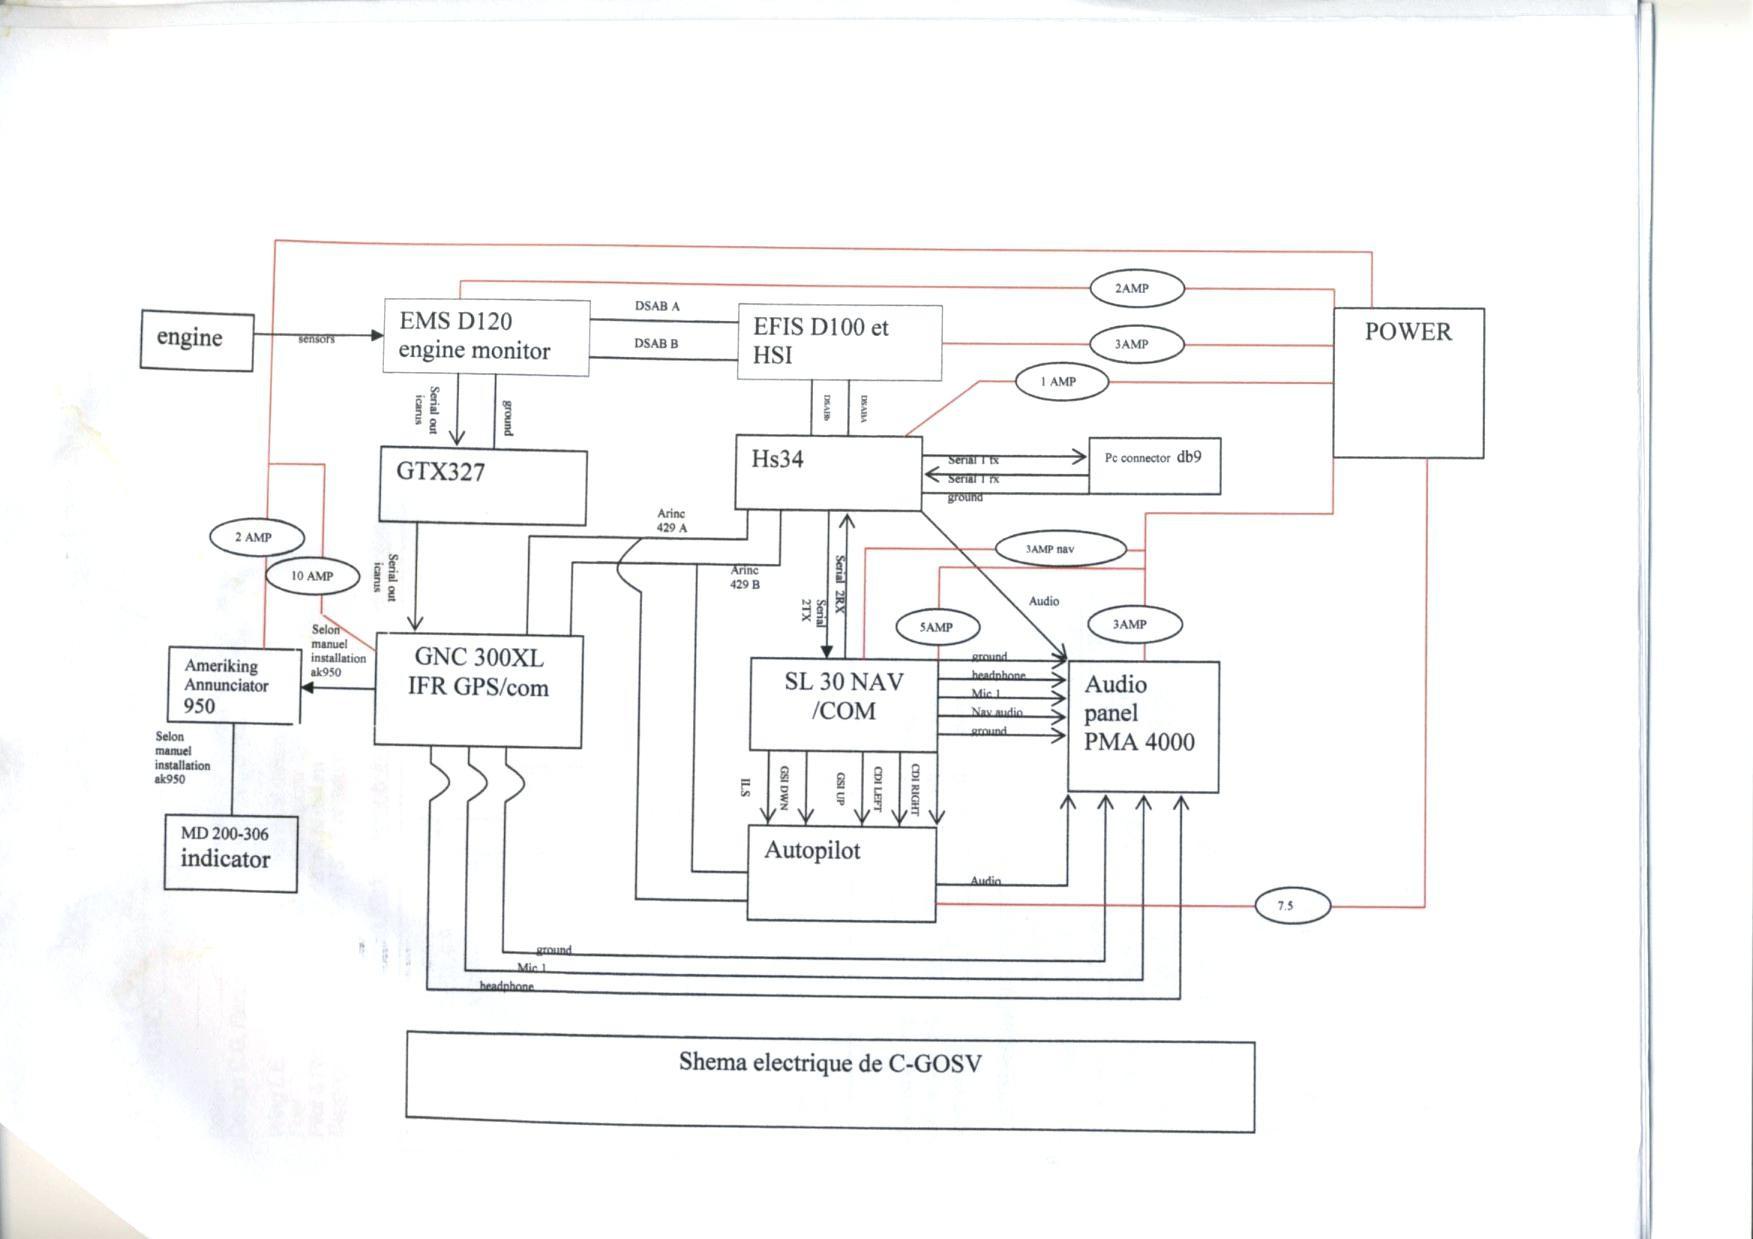 Garmin Usb Wiring Diagram | Wiring Diagram Liry on mini usb to vga, mini usb schematic, mini usb wire colors, mini usb cable adapter, mini usb sizes, mini usb 2.0 otg, mini usb plug, mini usb pinout, mini wireless-n usb adapter inspiron 6000, mini usb micro usb, mini usb standard wiring, mini usb pin assignment, mini usb charger, mini usb connector, mini usb cord, mini usb cable diagram, mini usb keyboard, mini usb types, mini wireless network adapter,